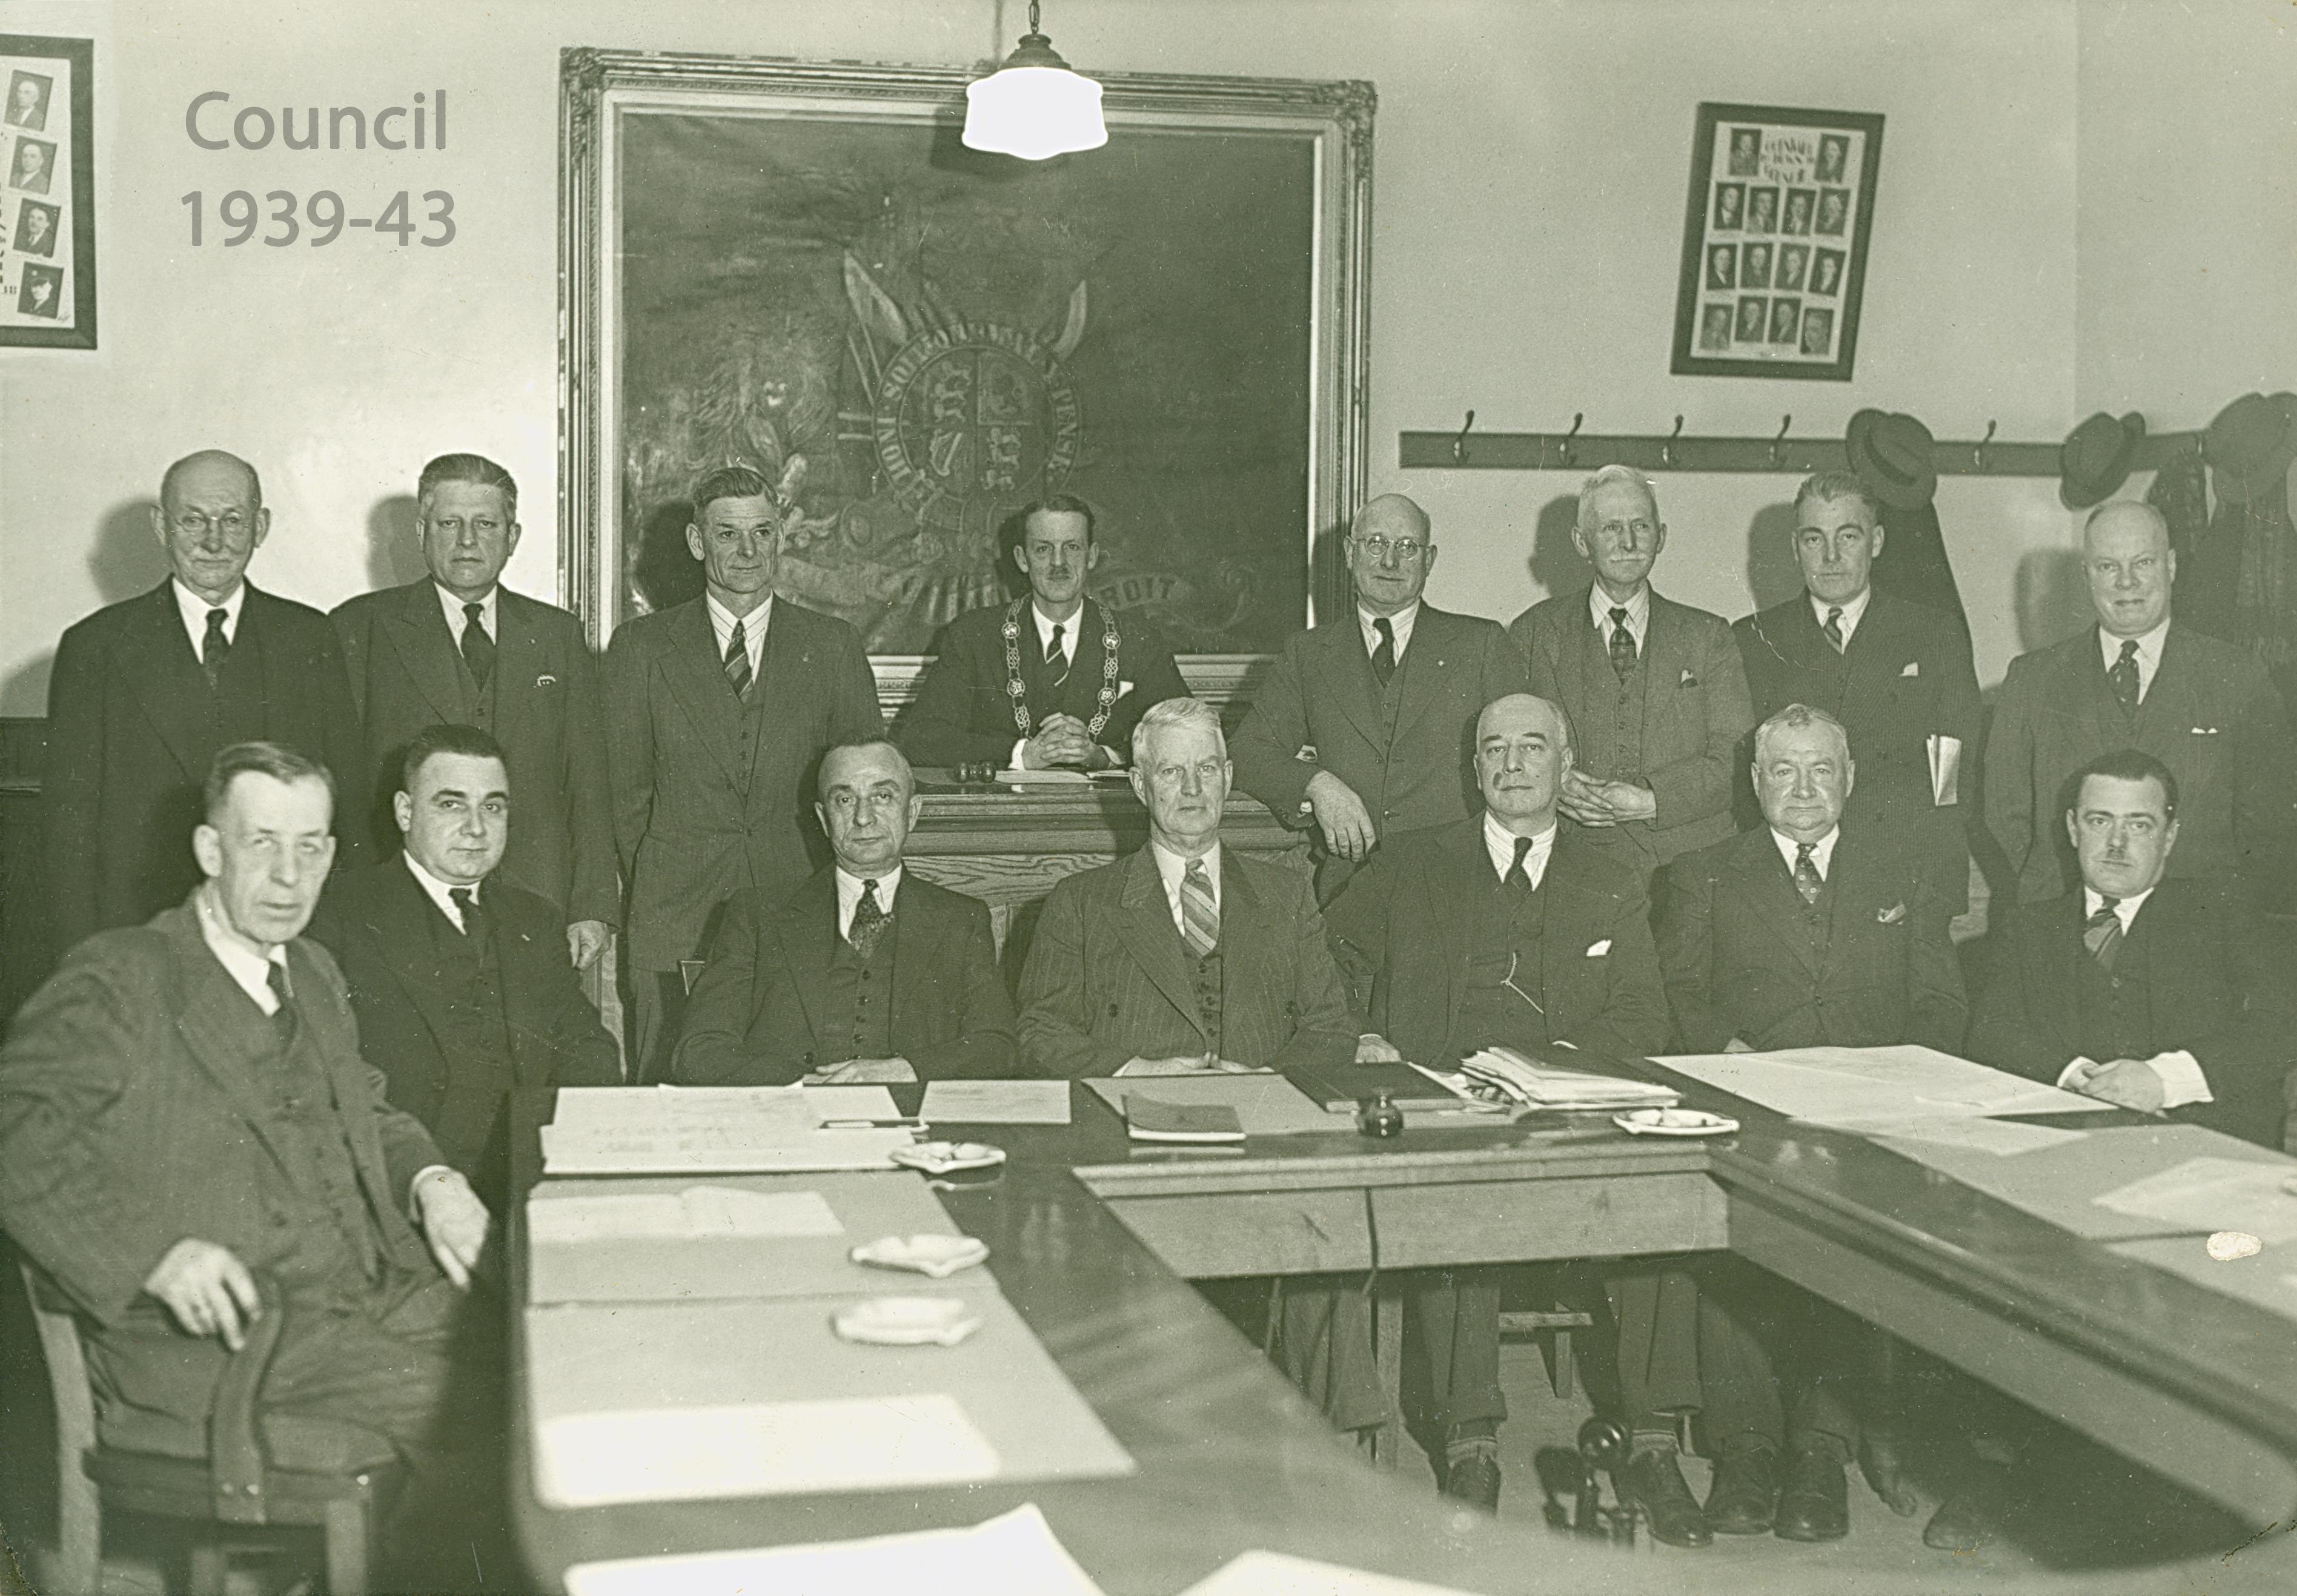 Council_1939-43_95-5.12_lab